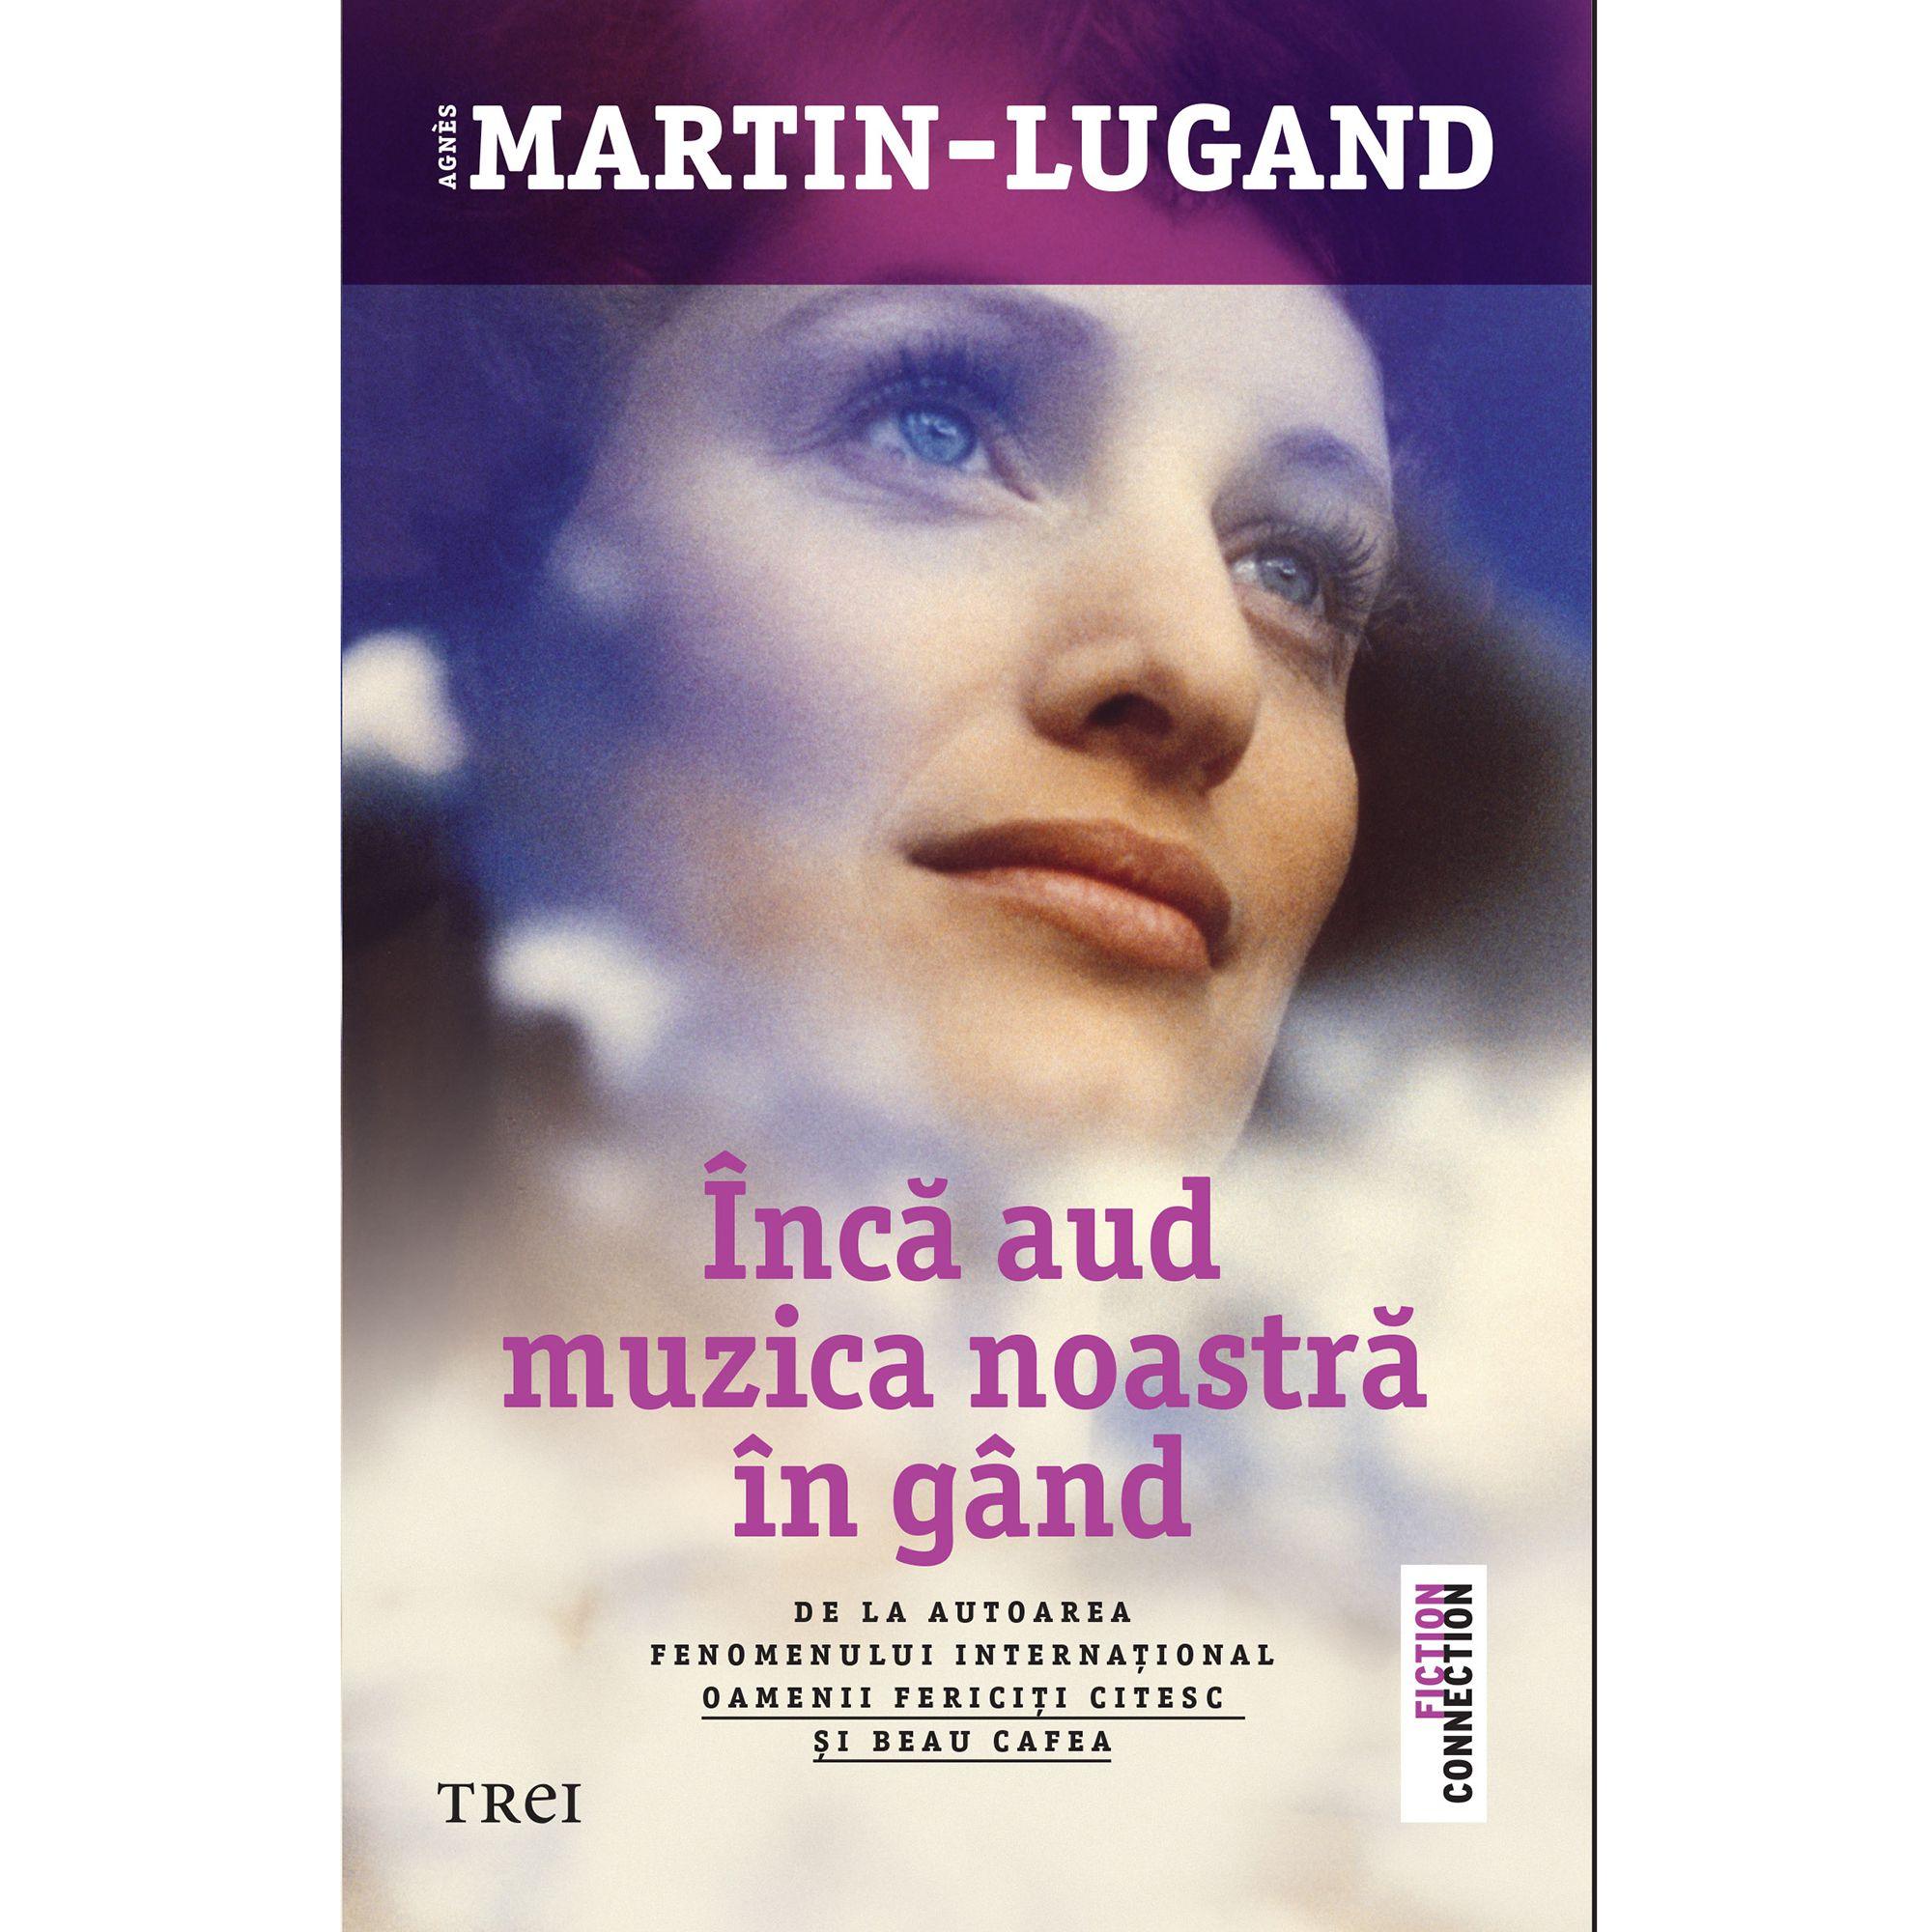 Inca aud muzica noastra in gand | Agnes Martin-Lugand